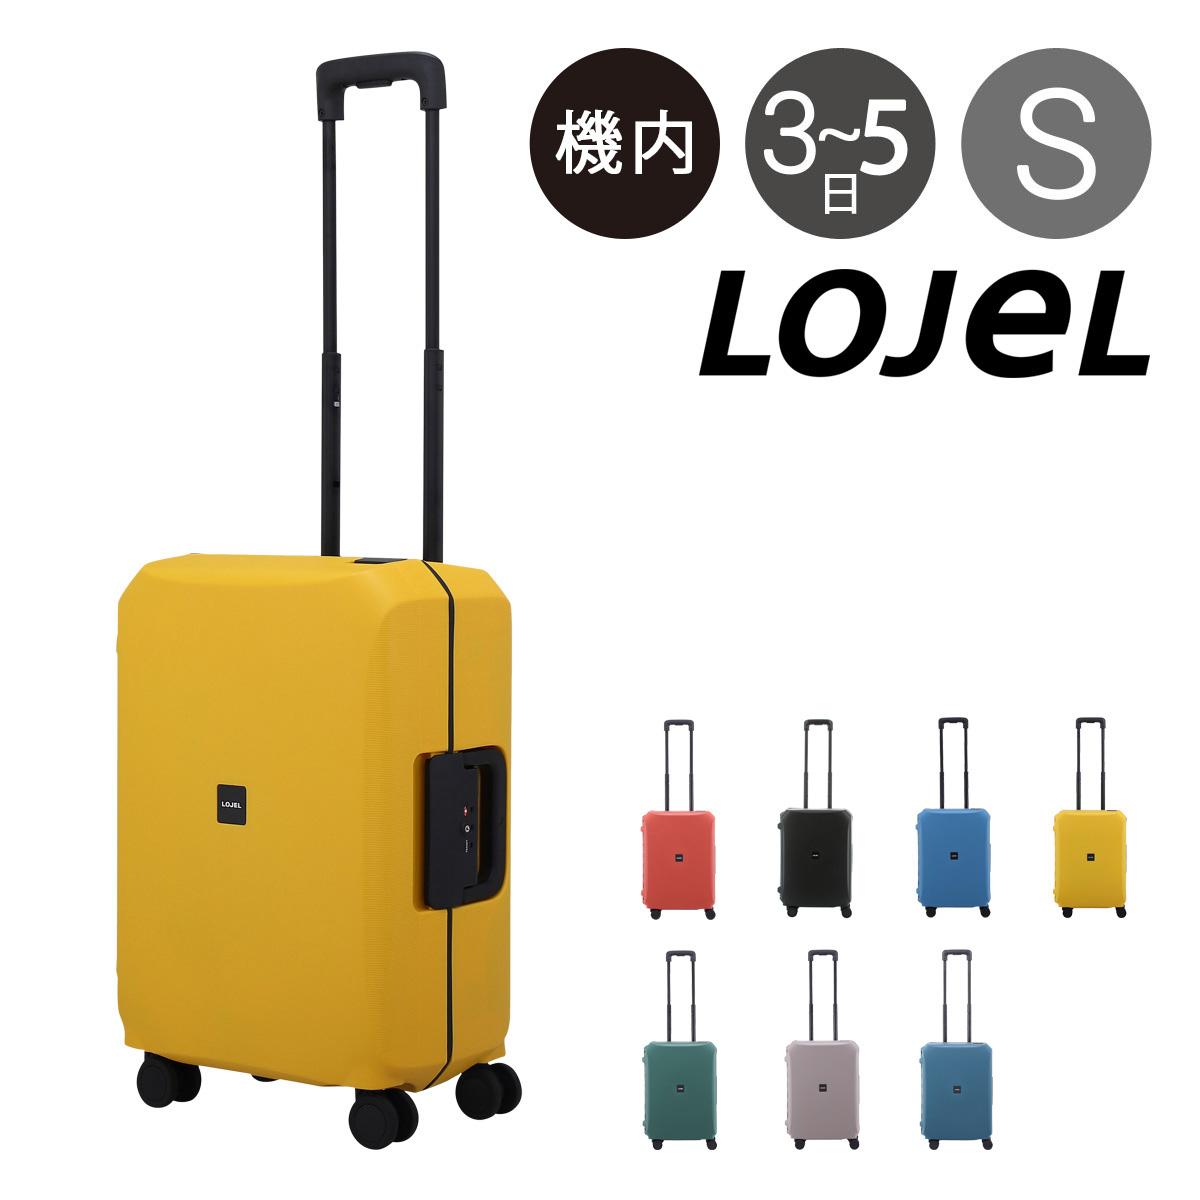 ロジェール スーツケース 37L 48.5cm Voja VOJA-S ハード   LOJEL   TSAロック搭載 キャリーバッグ キャリーケース [PO10][bef][即日発送]